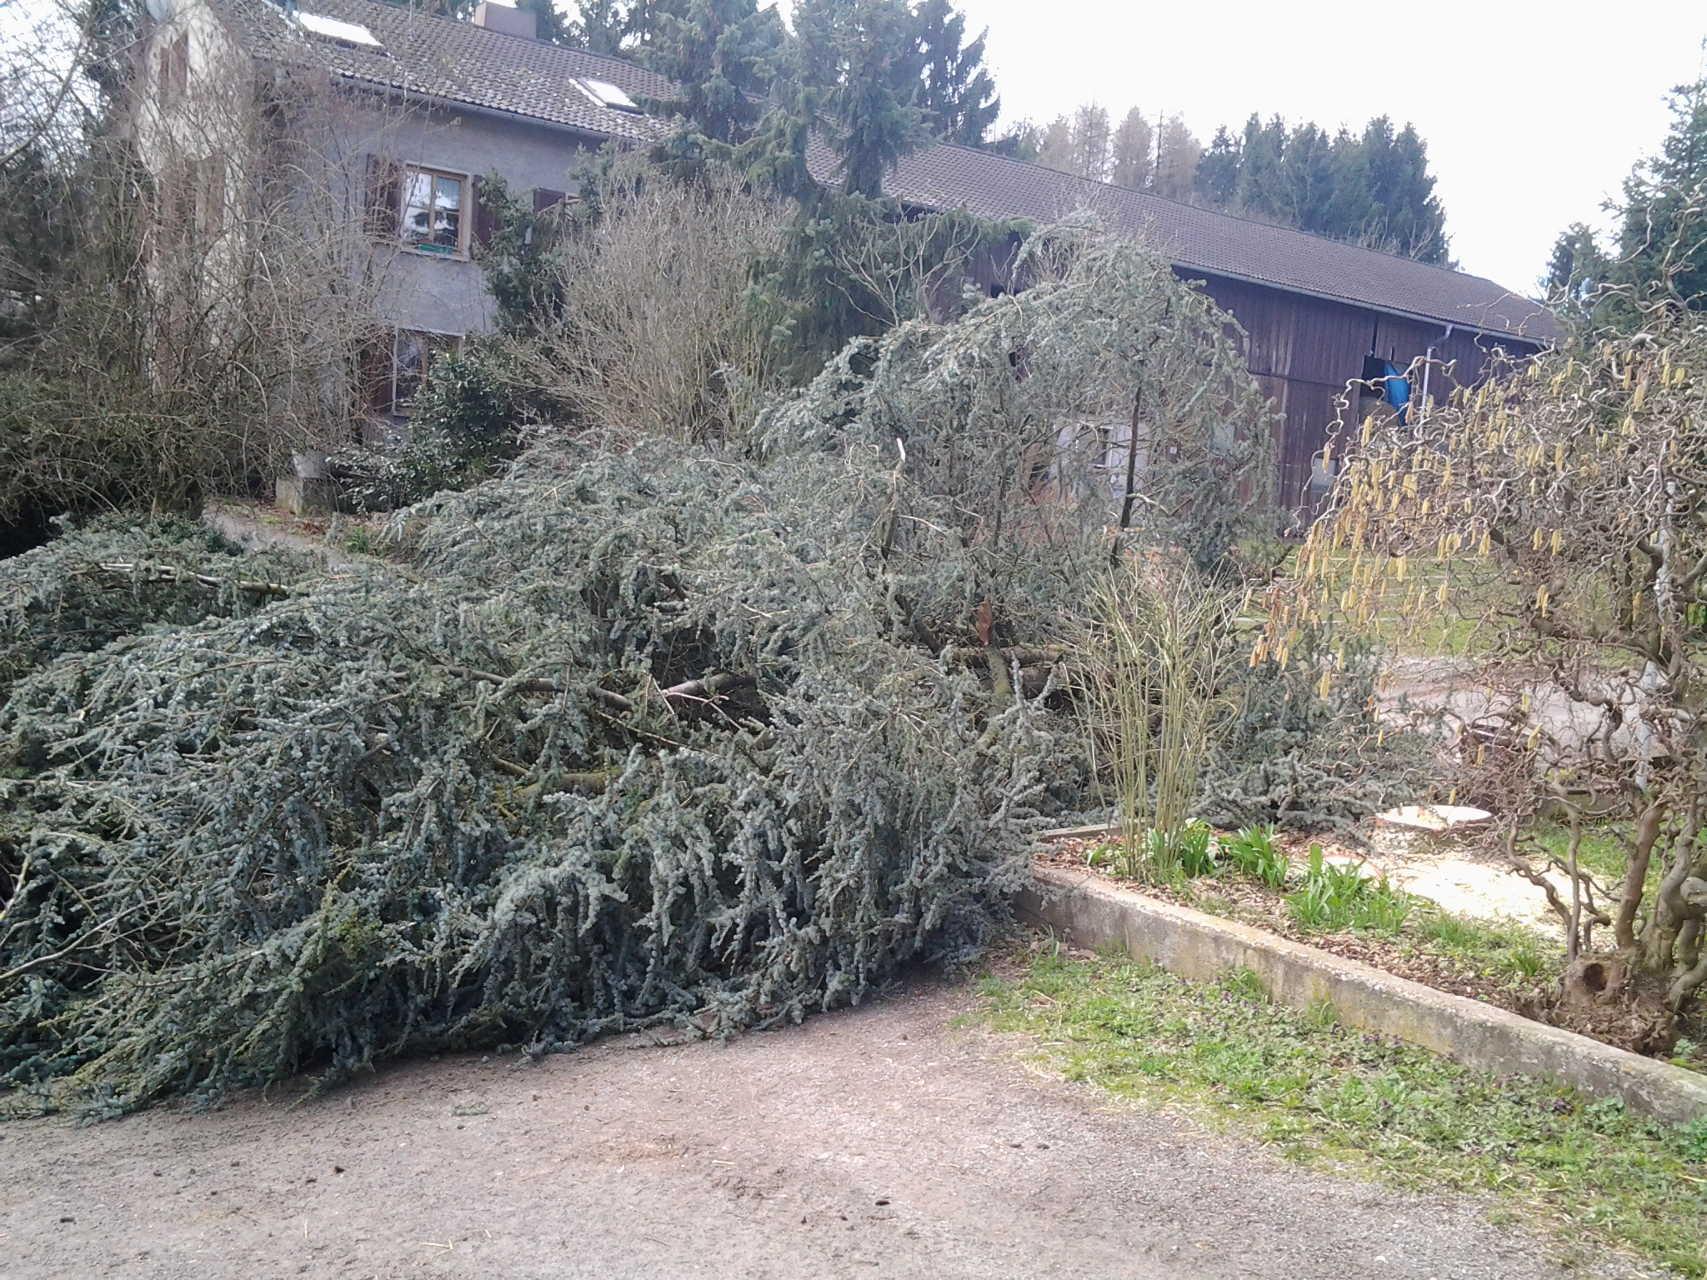 Platzierte Baumfällung bei ausreichendem Platzbedarf